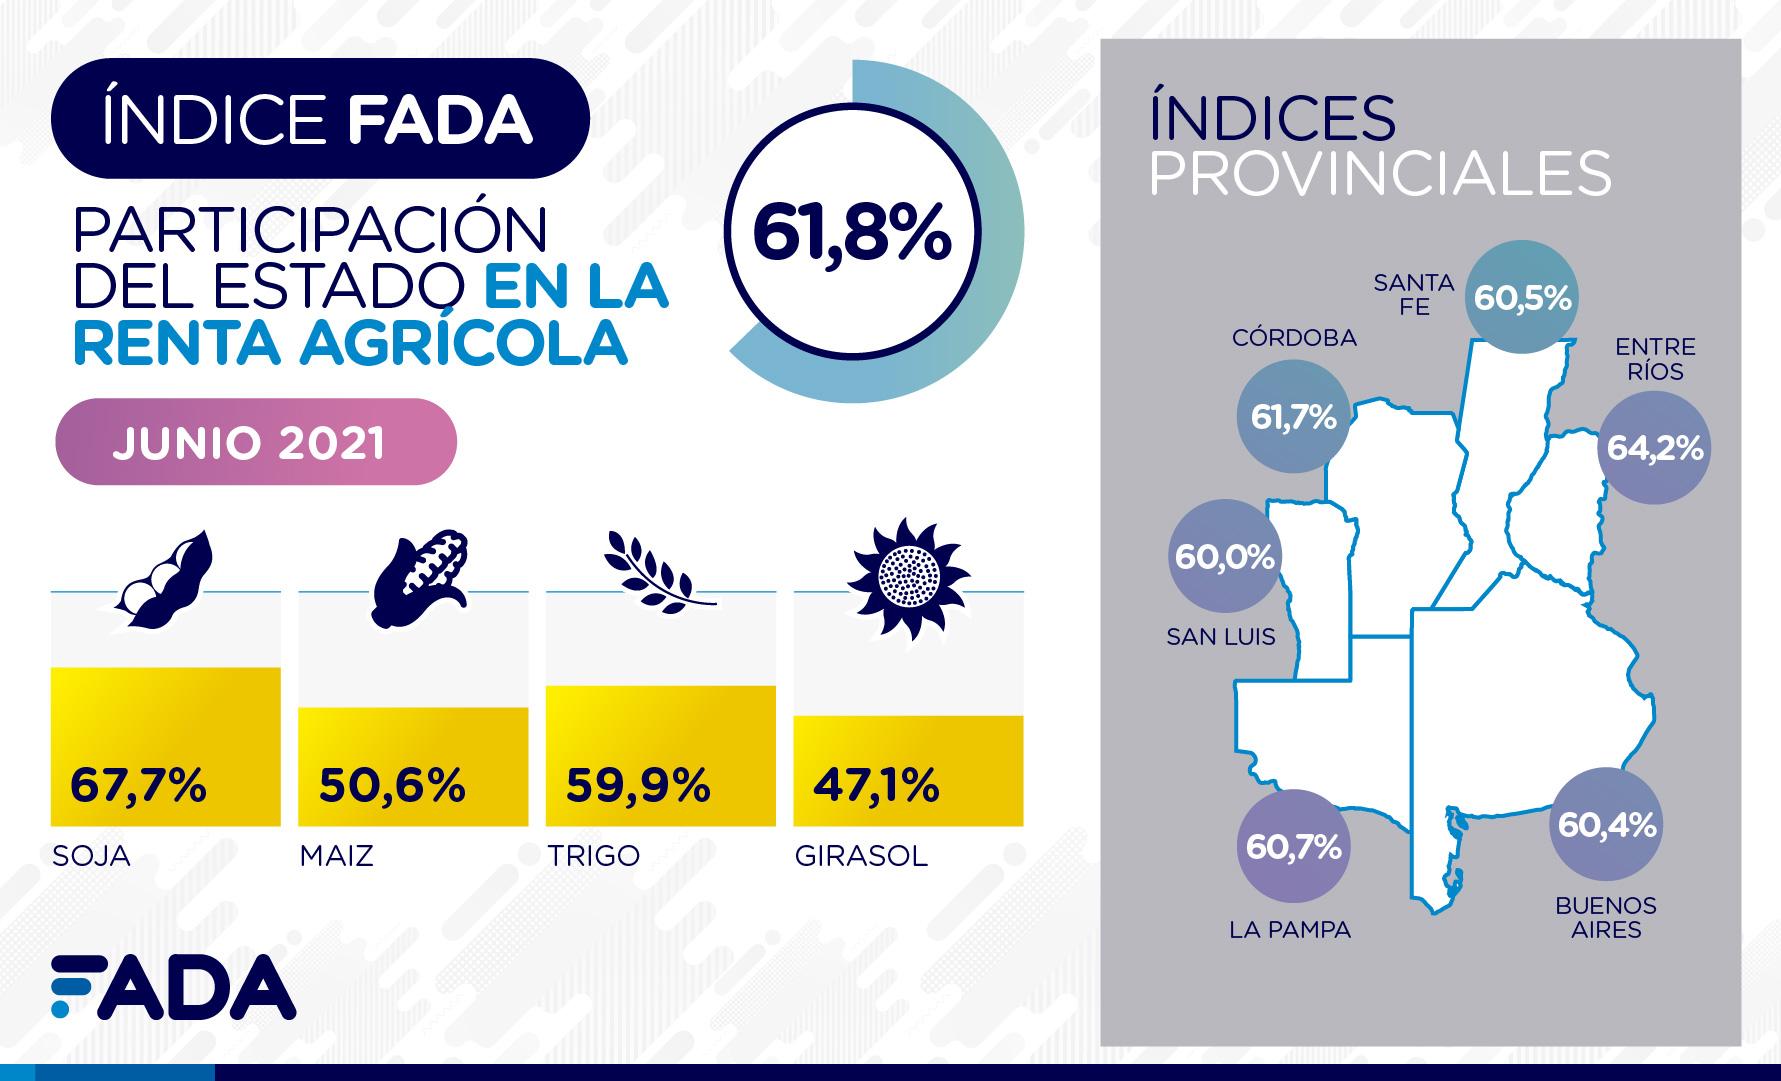 Índice FADA de Junio: el 61,8% de la renta no le llega a quien produjo